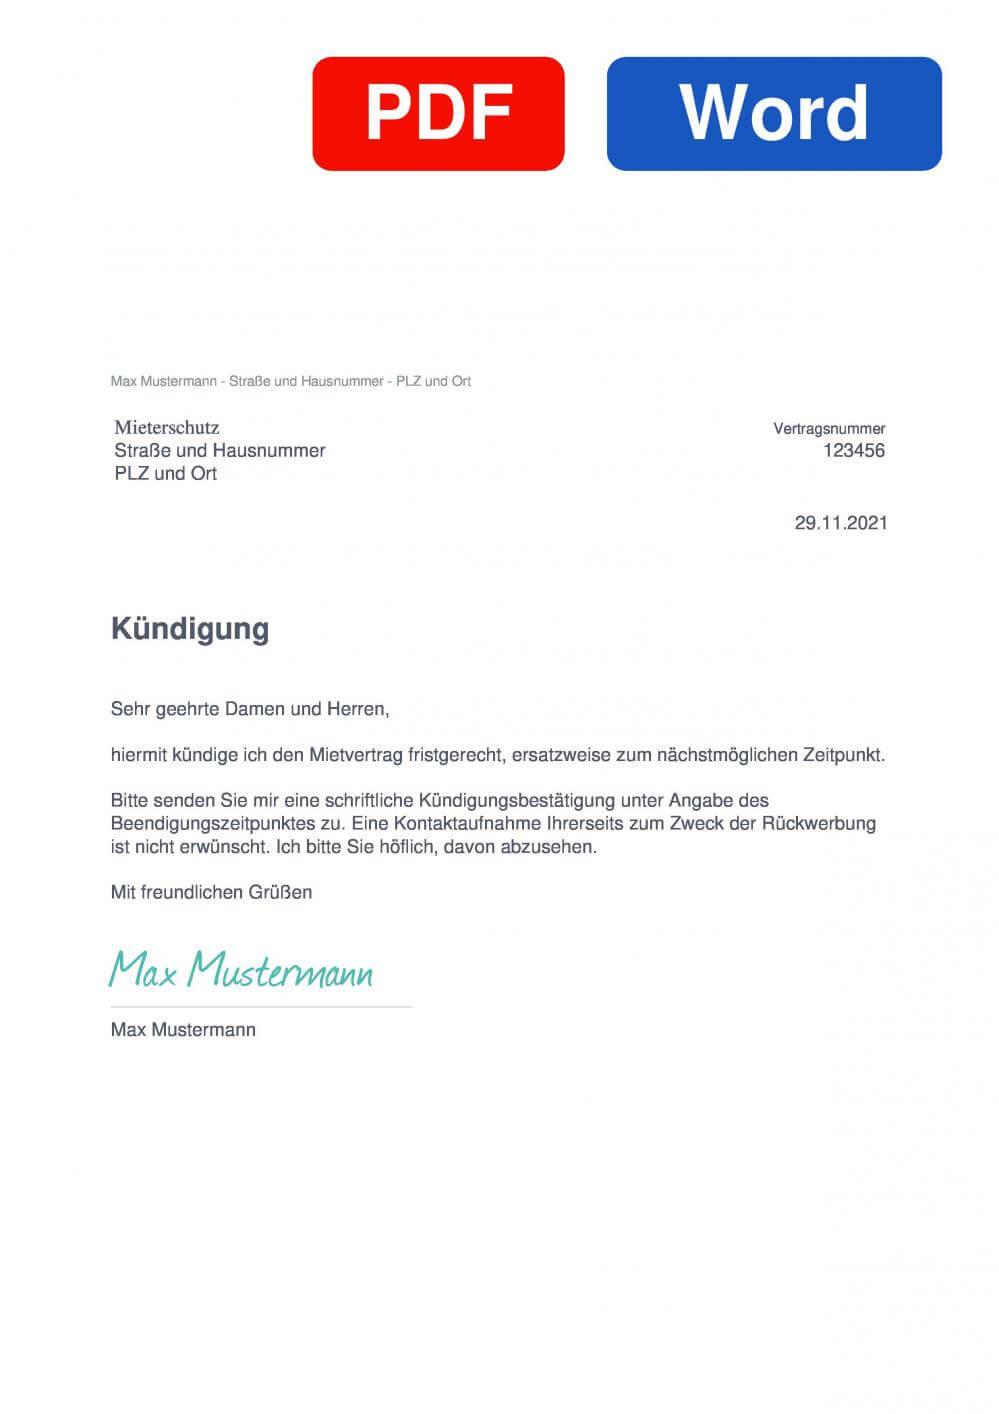 Mieterschutz Muster Vorlage für Kündigungsschreiben